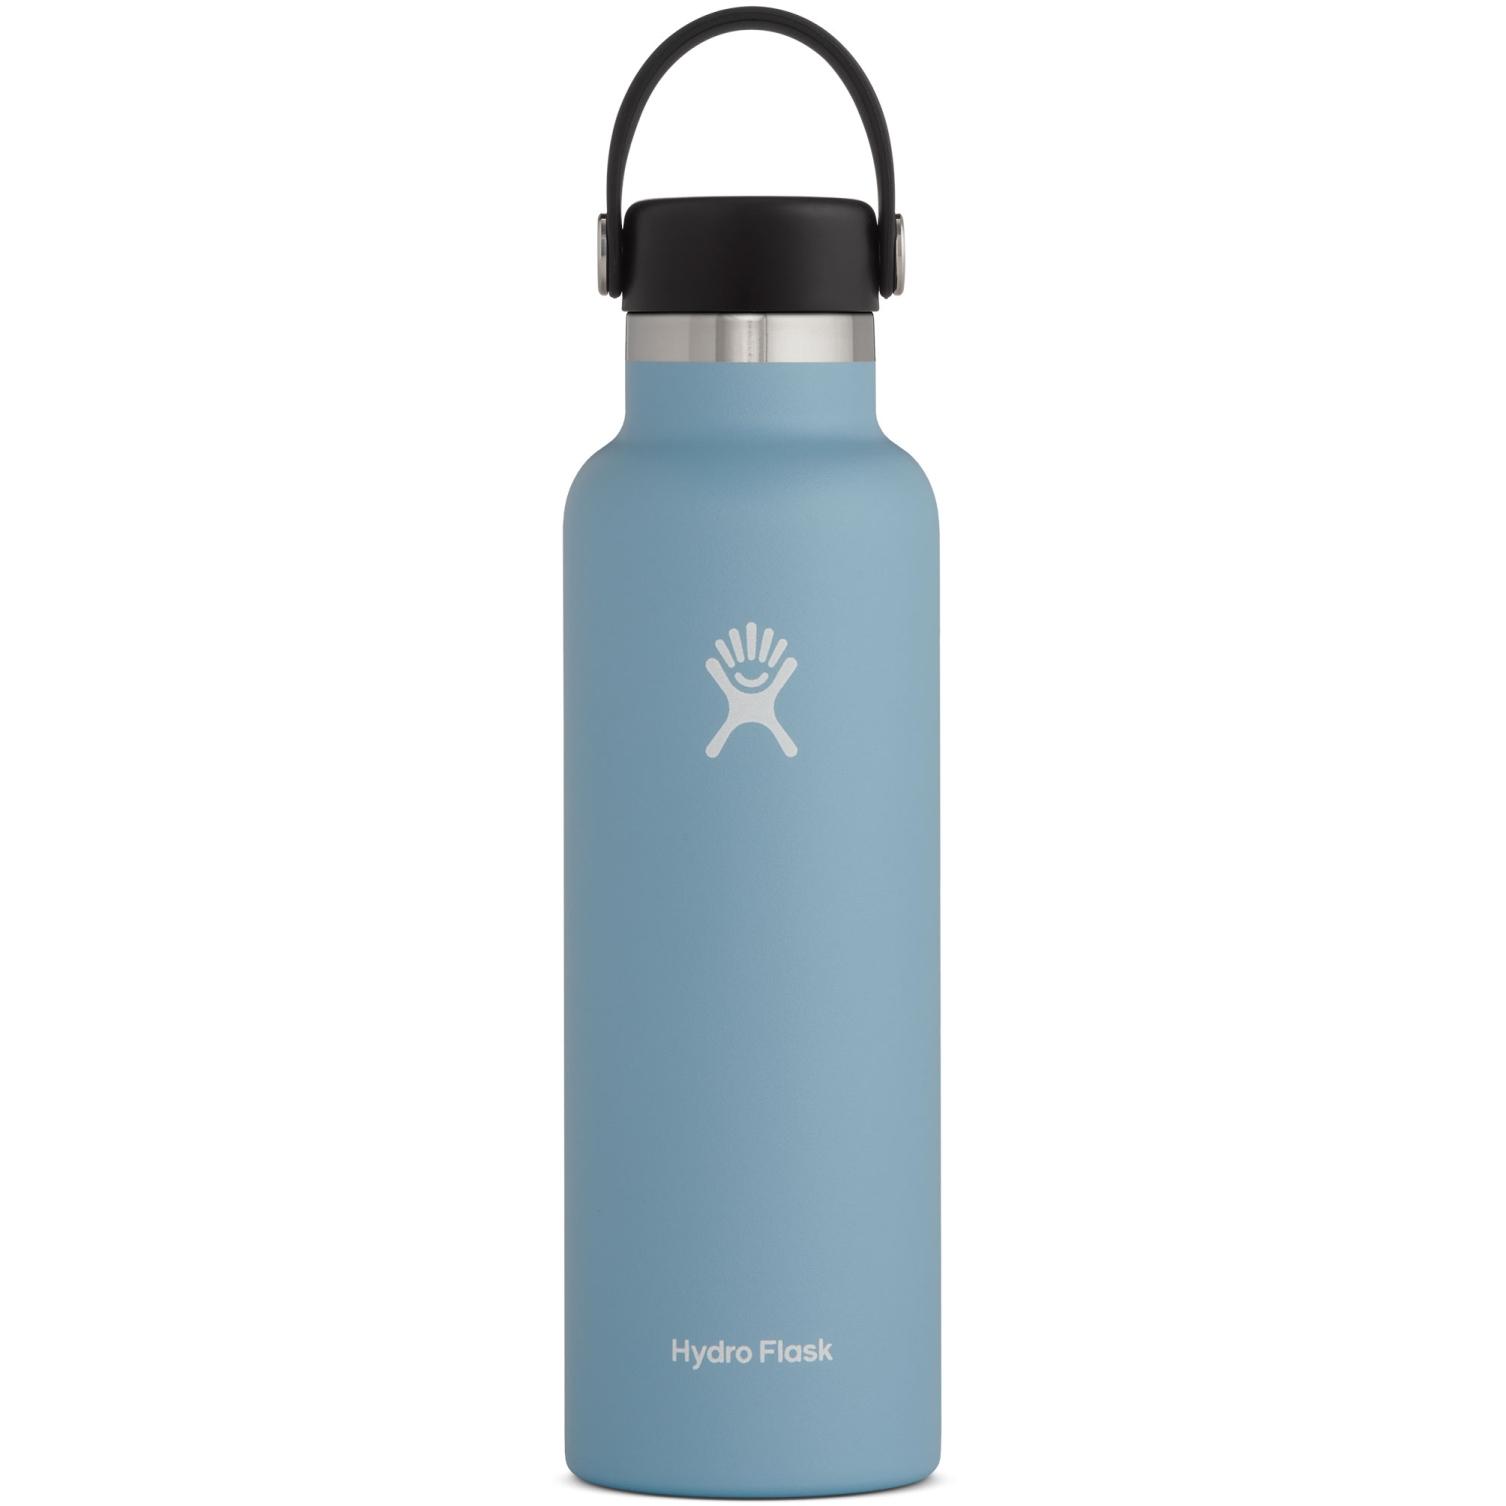 Produktbild von Hydro Flask 24oz Standard Mouth Flex Cap Thermoflasche 710ml - Rain